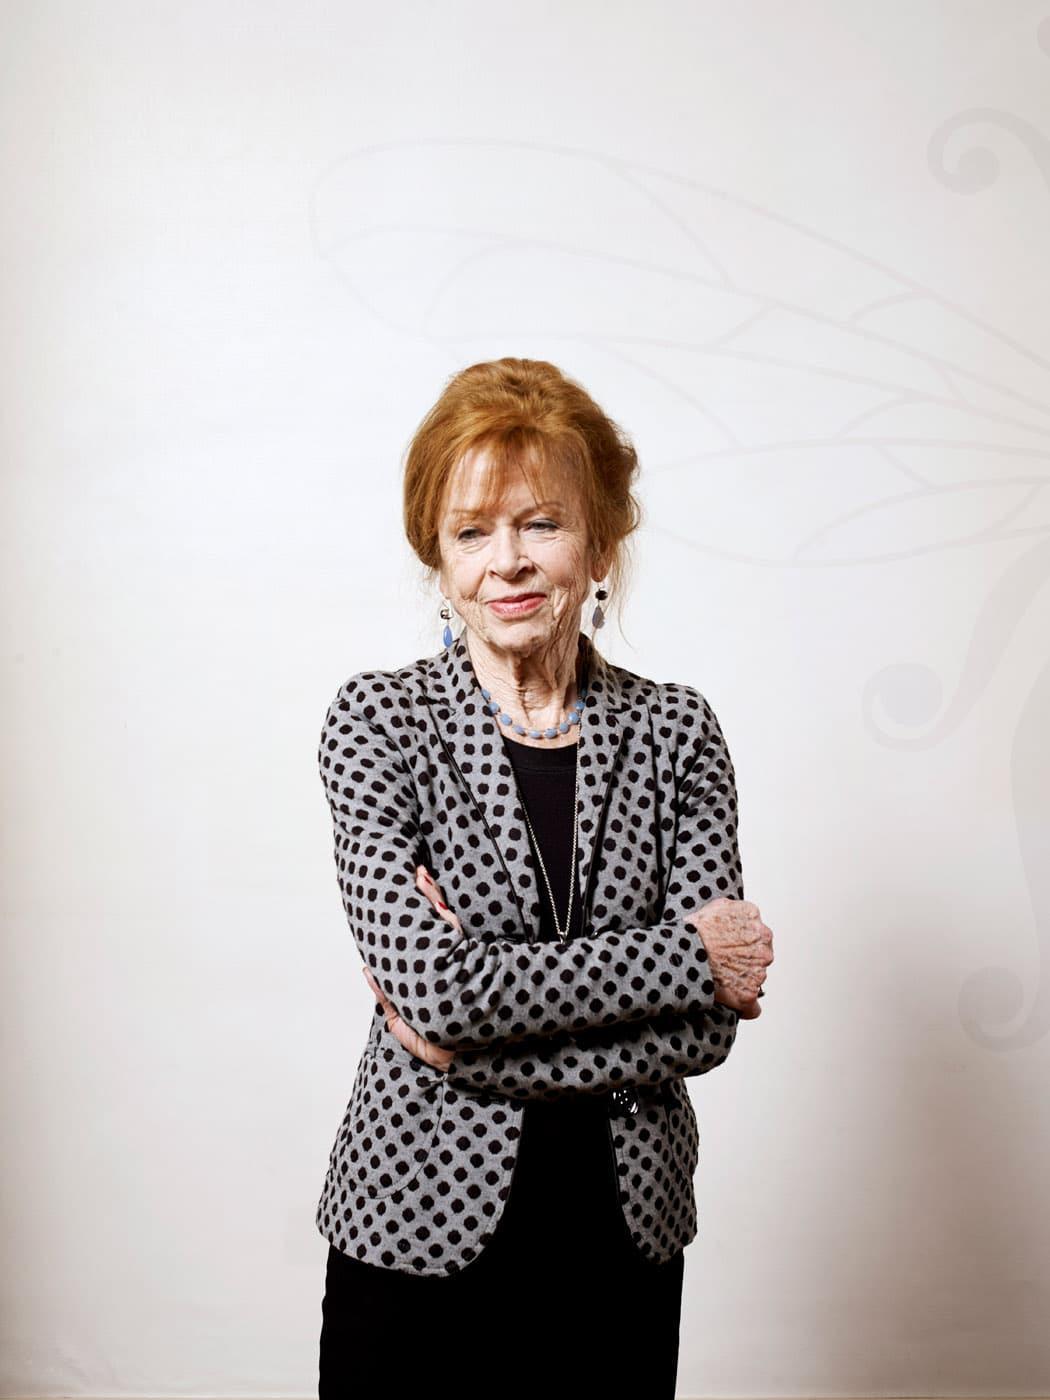 Nederland, Amsterdam, 17-02-2017 Sonja Barend, Nederlands televisiepresentatrice en auteur bij de Bezige Bij PHOTO AND COPYRIGHT ROGER CREMERS